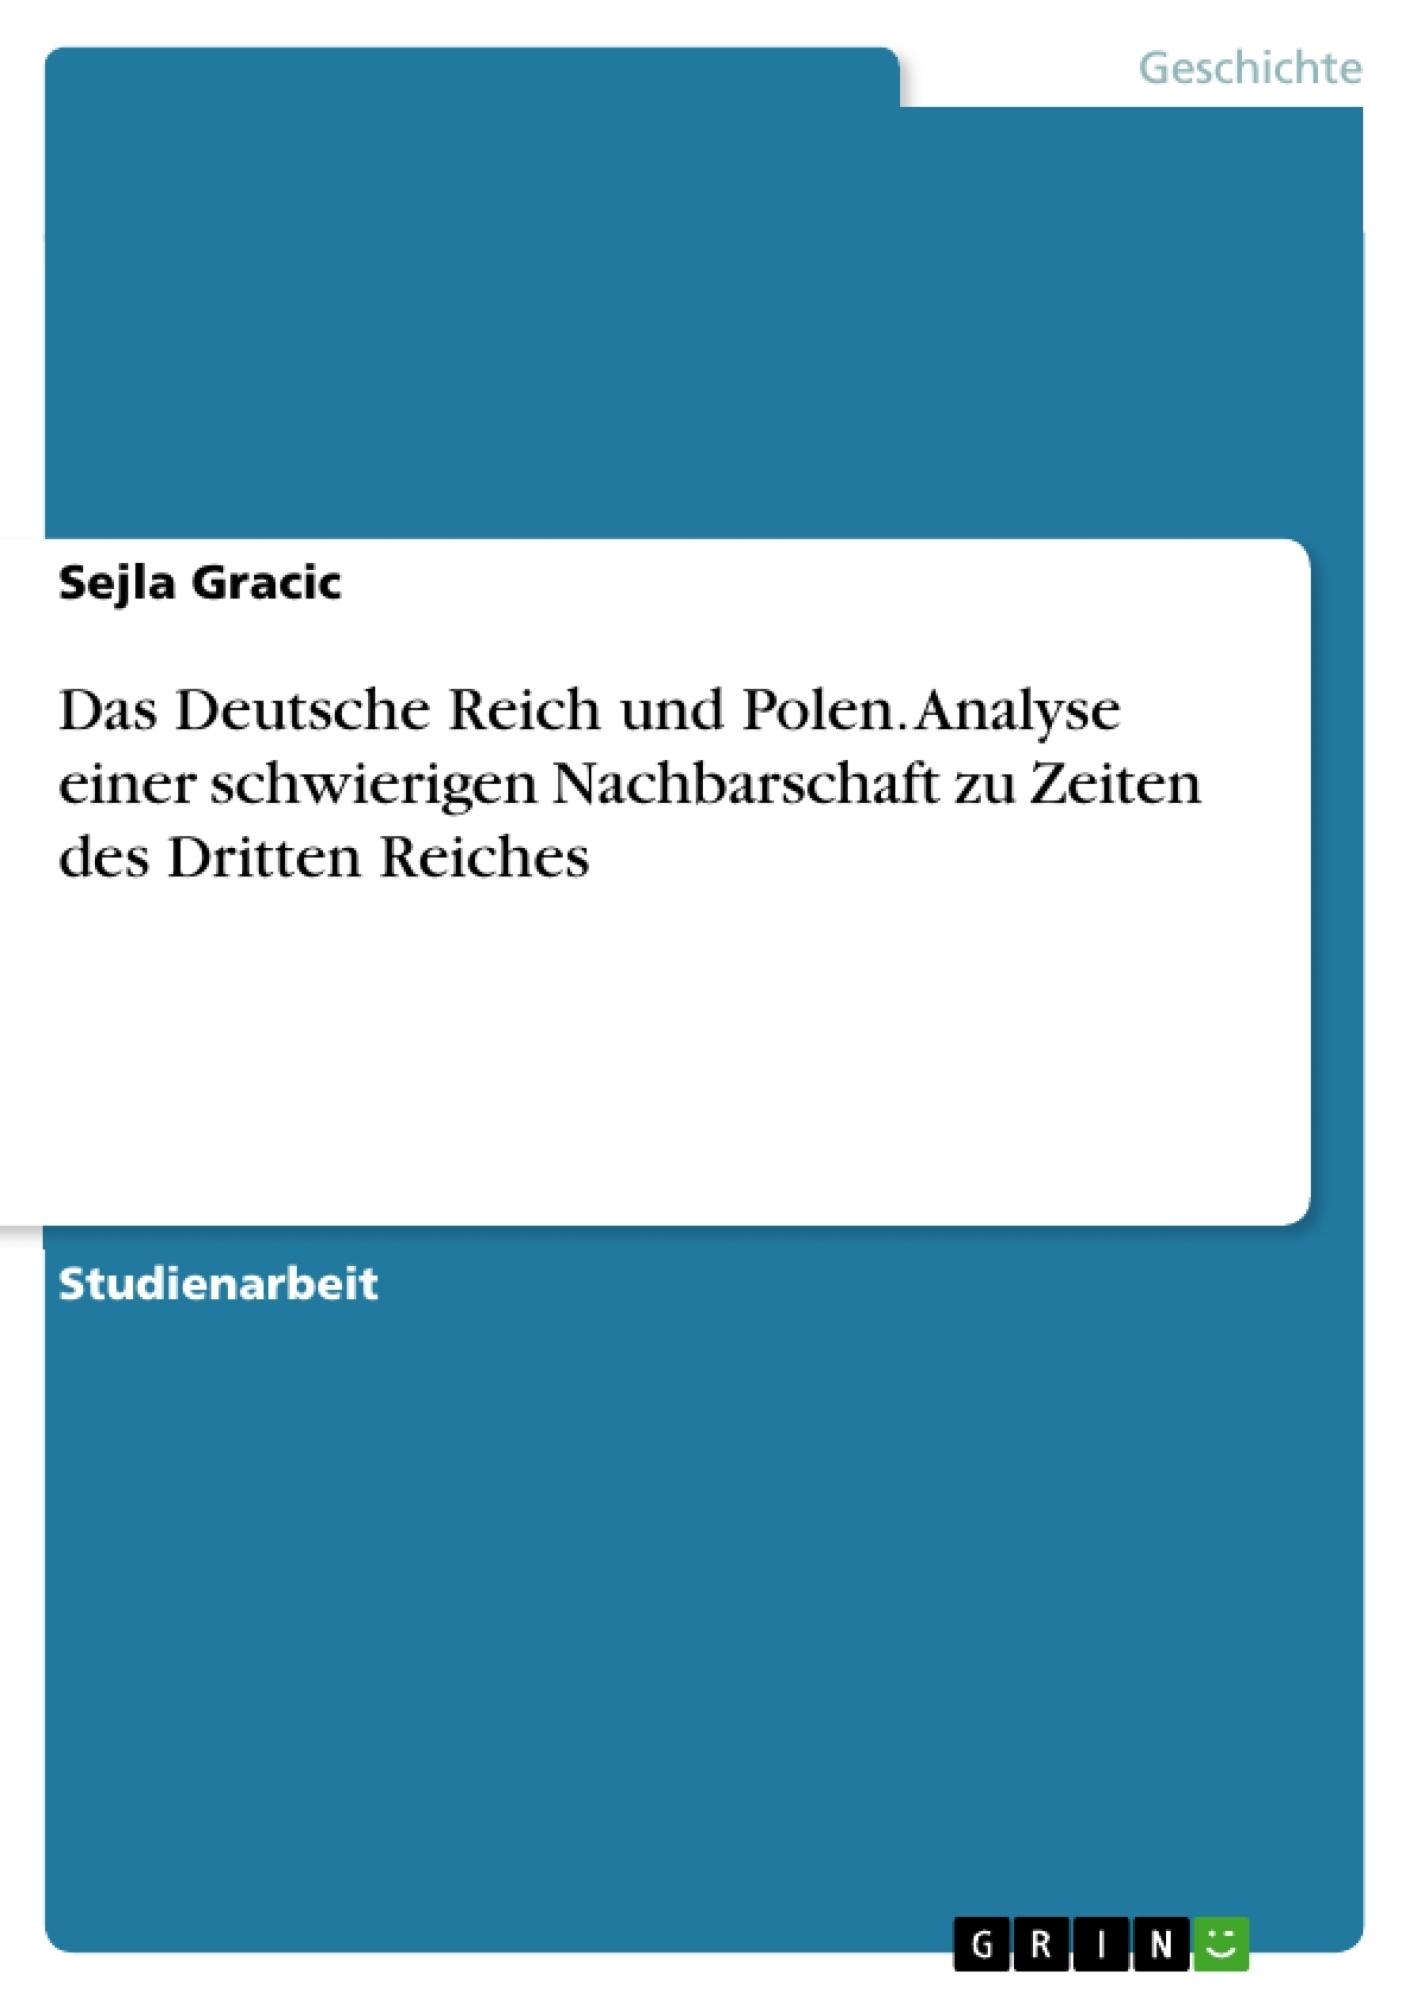 Titel: Das Deutsche Reich und Polen. Analyse einer schwierigen Nachbarschaft zu Zeiten des Dritten Reiches